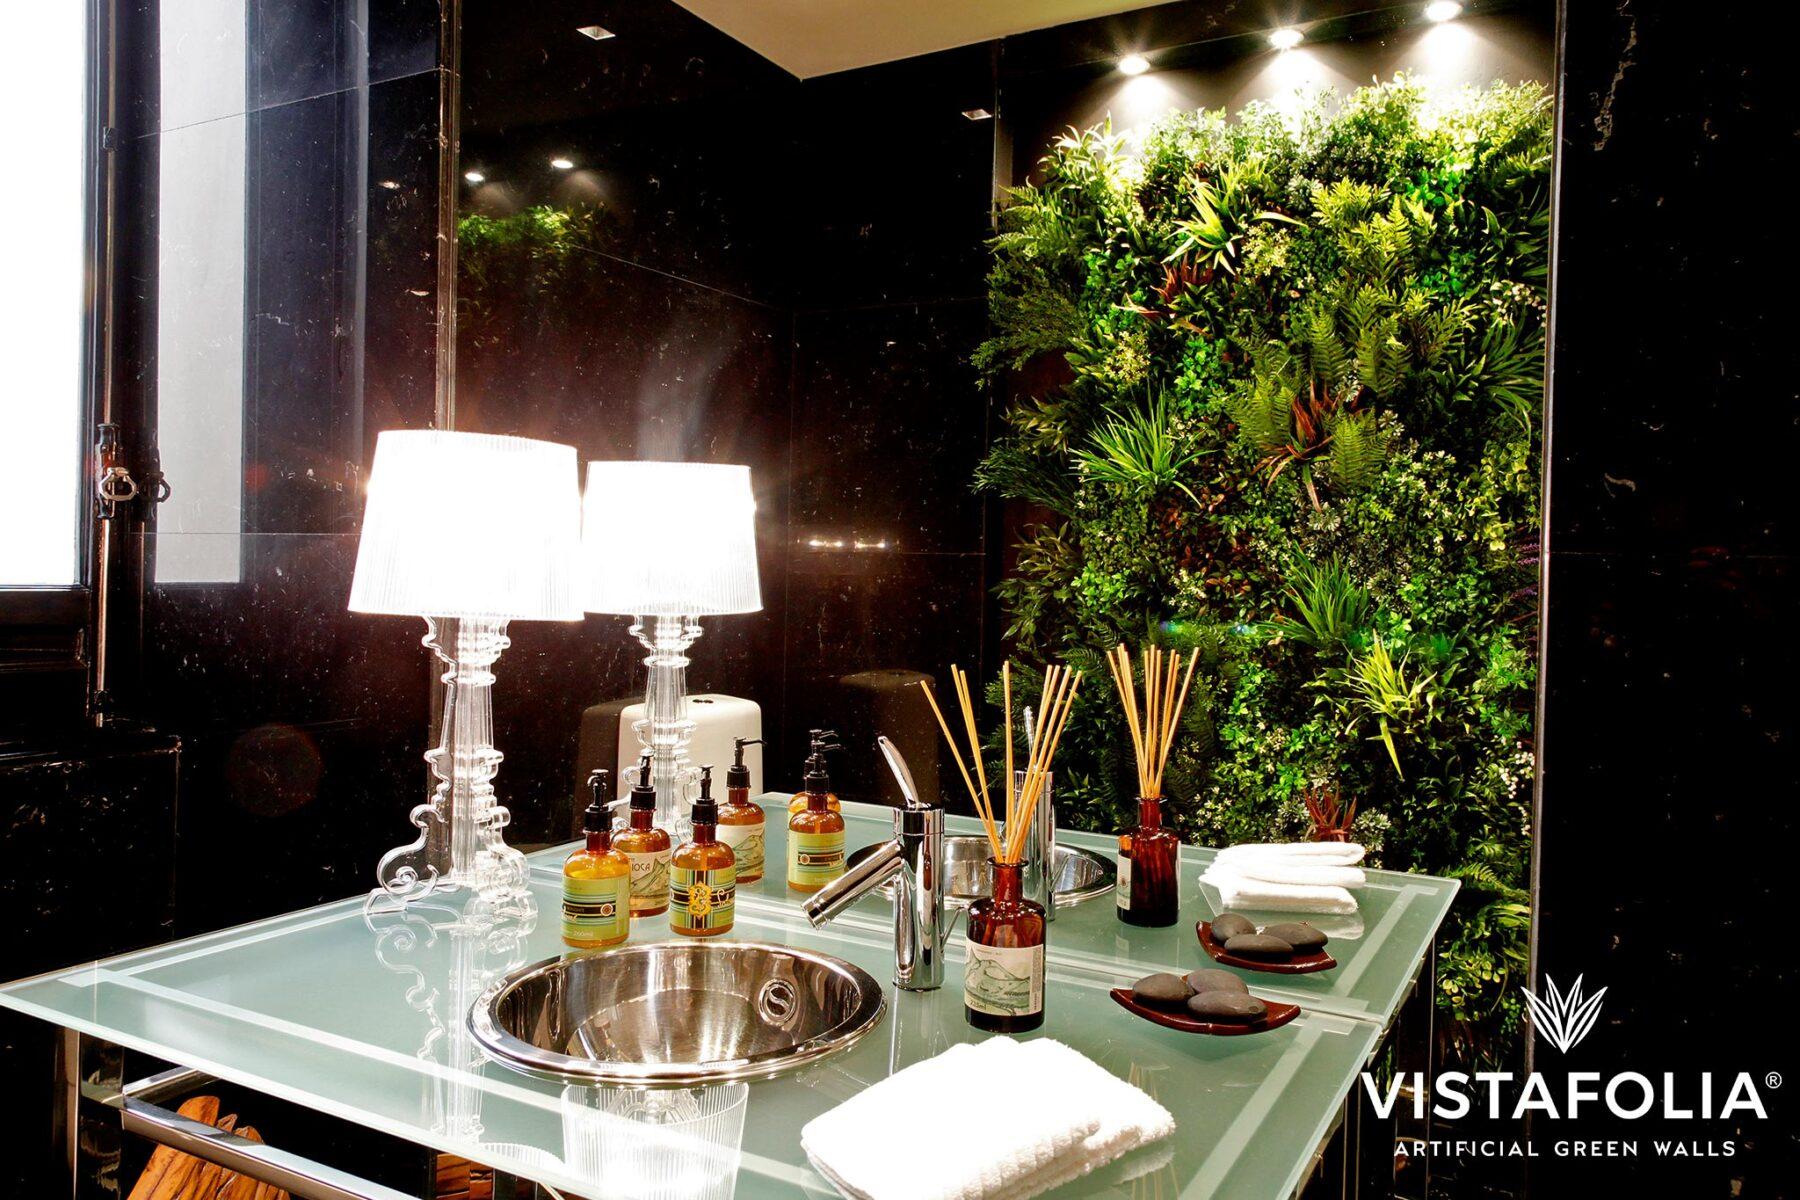 affordable artificial green walls, vistafolia